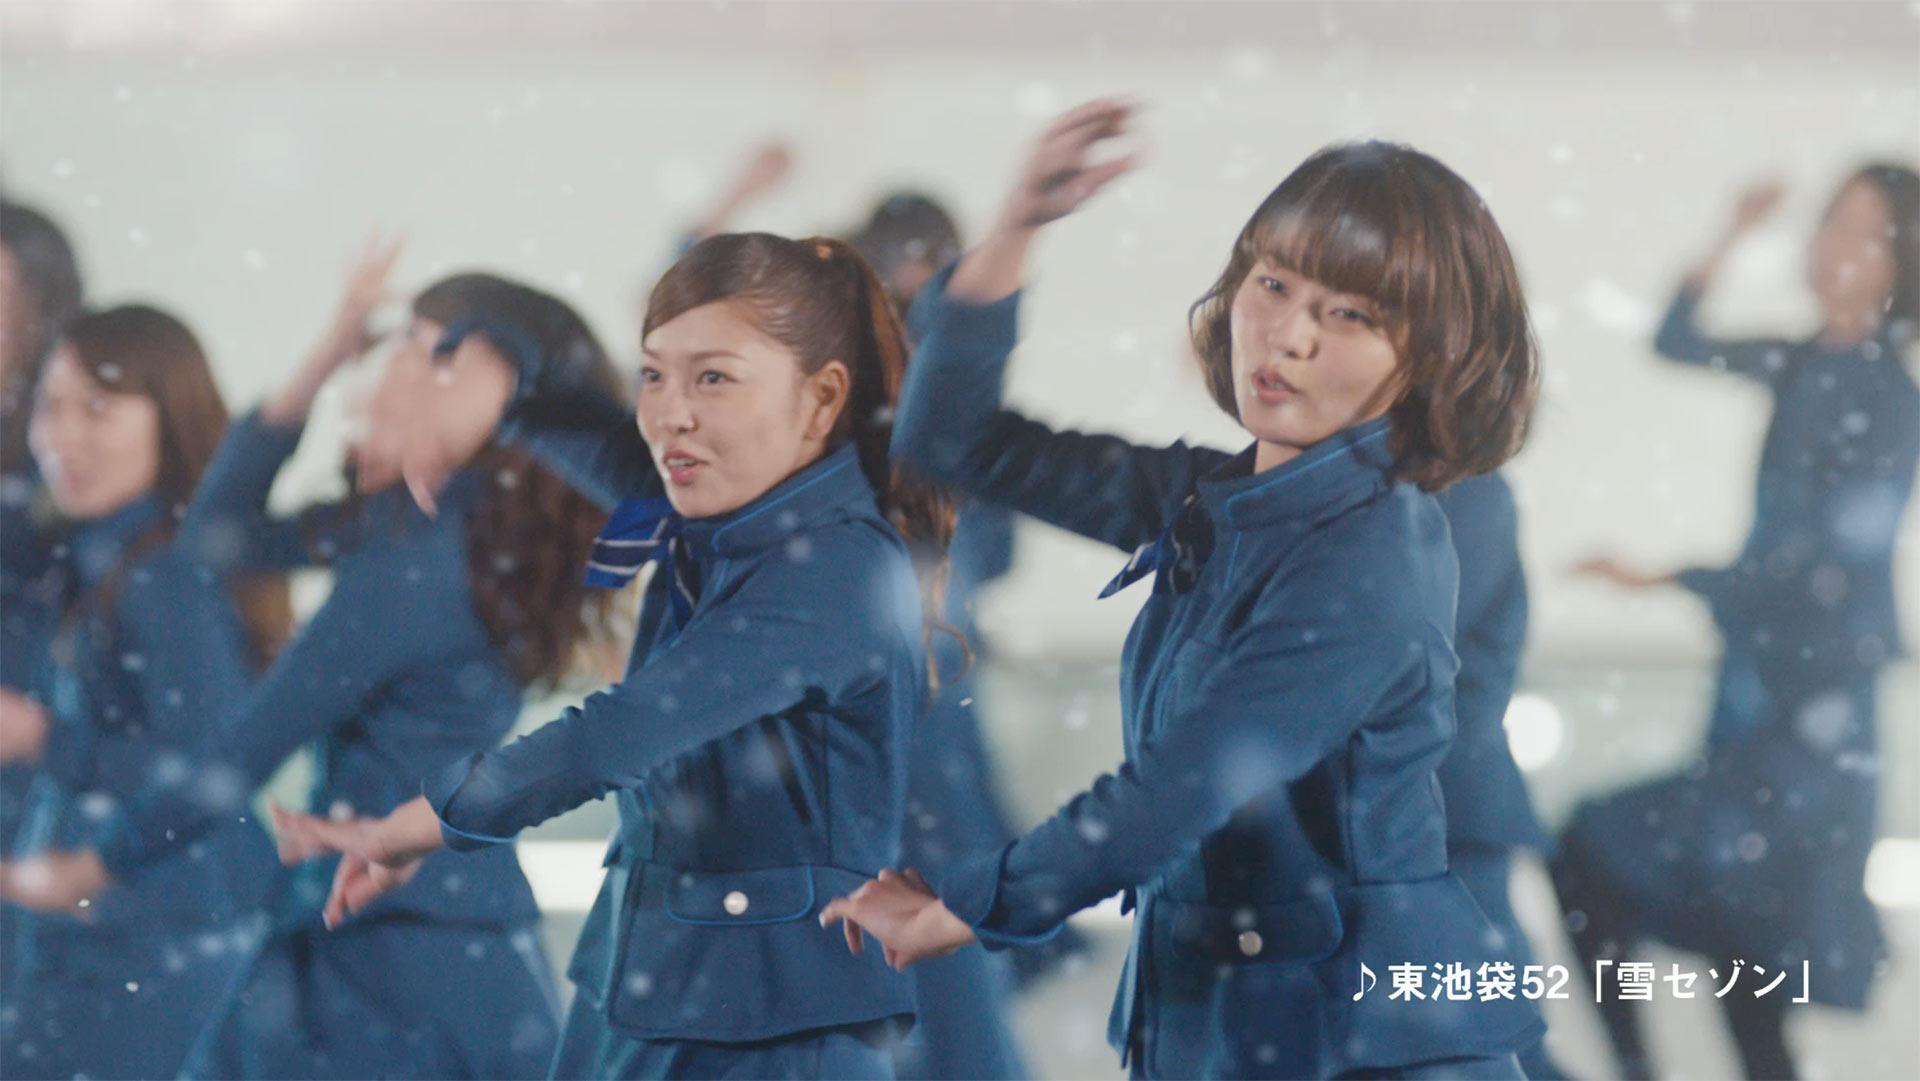 東池袋 52 メンバー最新シングル「雪セゾン」に合わせて華やかなダンスパフォーマンス!「セゾンカード・UCカード」TVCM  が 1 月 22 日(月)より関東地区でオンエア開始!